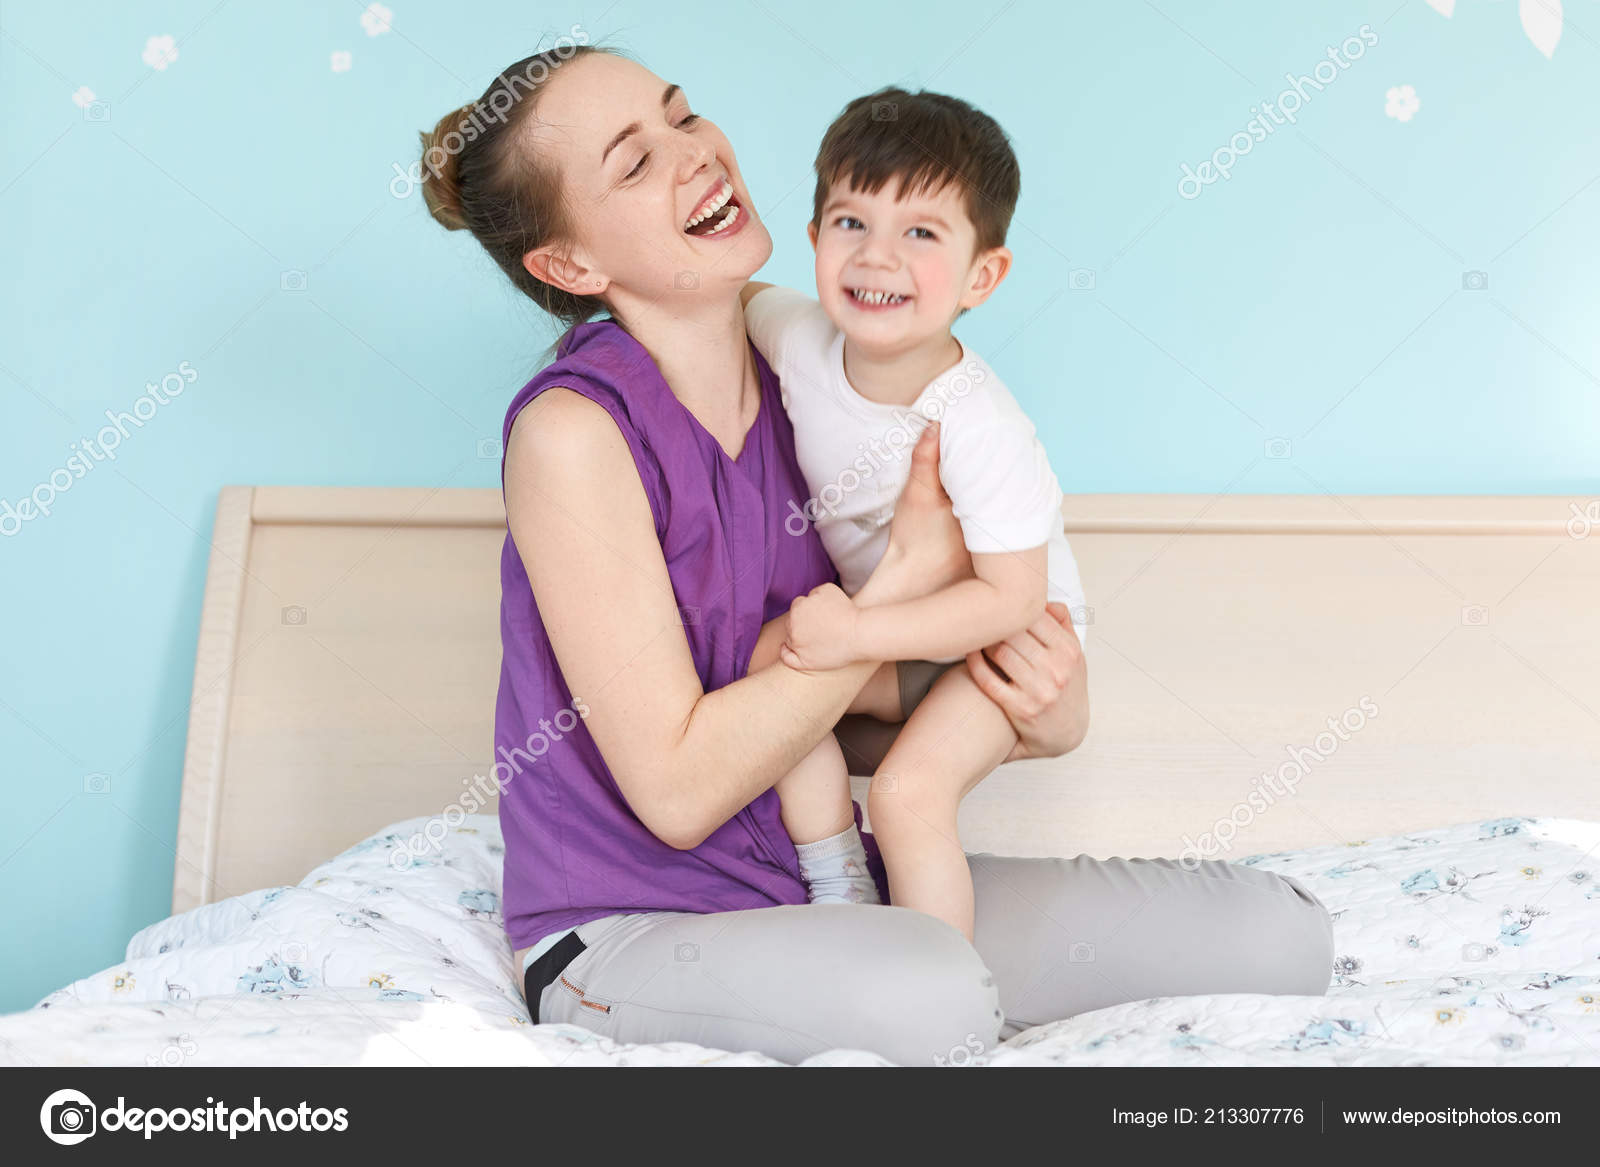 Син ебет свою родную мать, Сын трахнул свою родную мать смотреть онлайн на 14 фотография